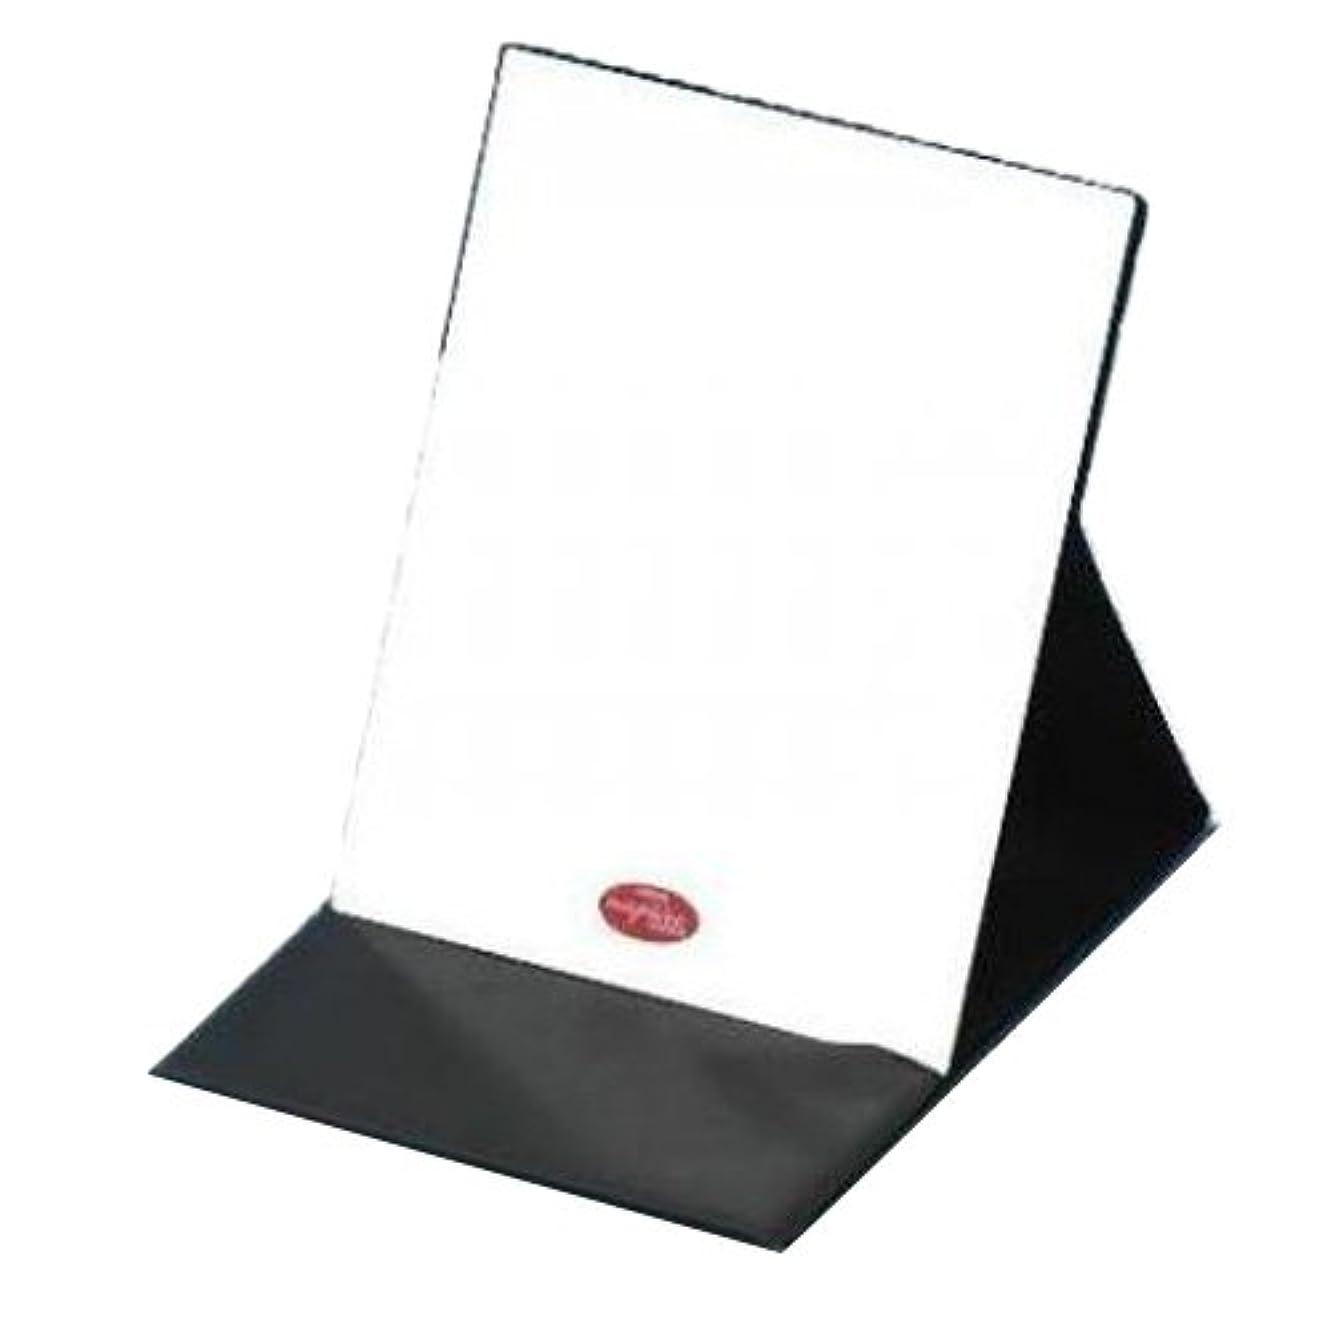 信者受粉者目を覚ますHP-43 ナピュア プロモデル拡大鏡付き折立ミラー(L)